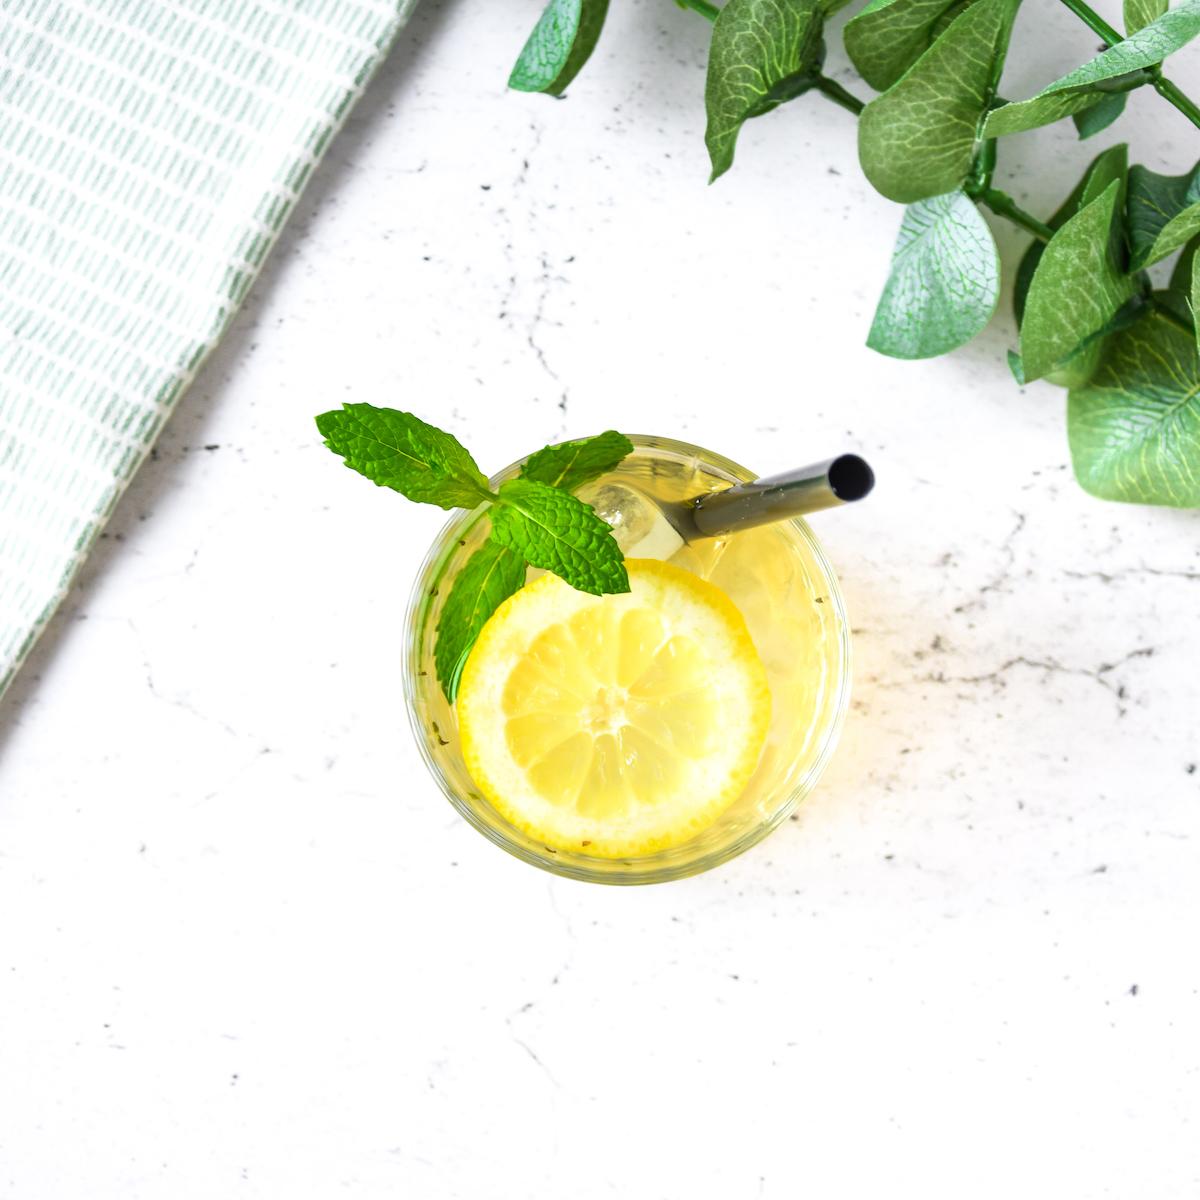 MiniMarieTea Iced Tea with mint and lemon